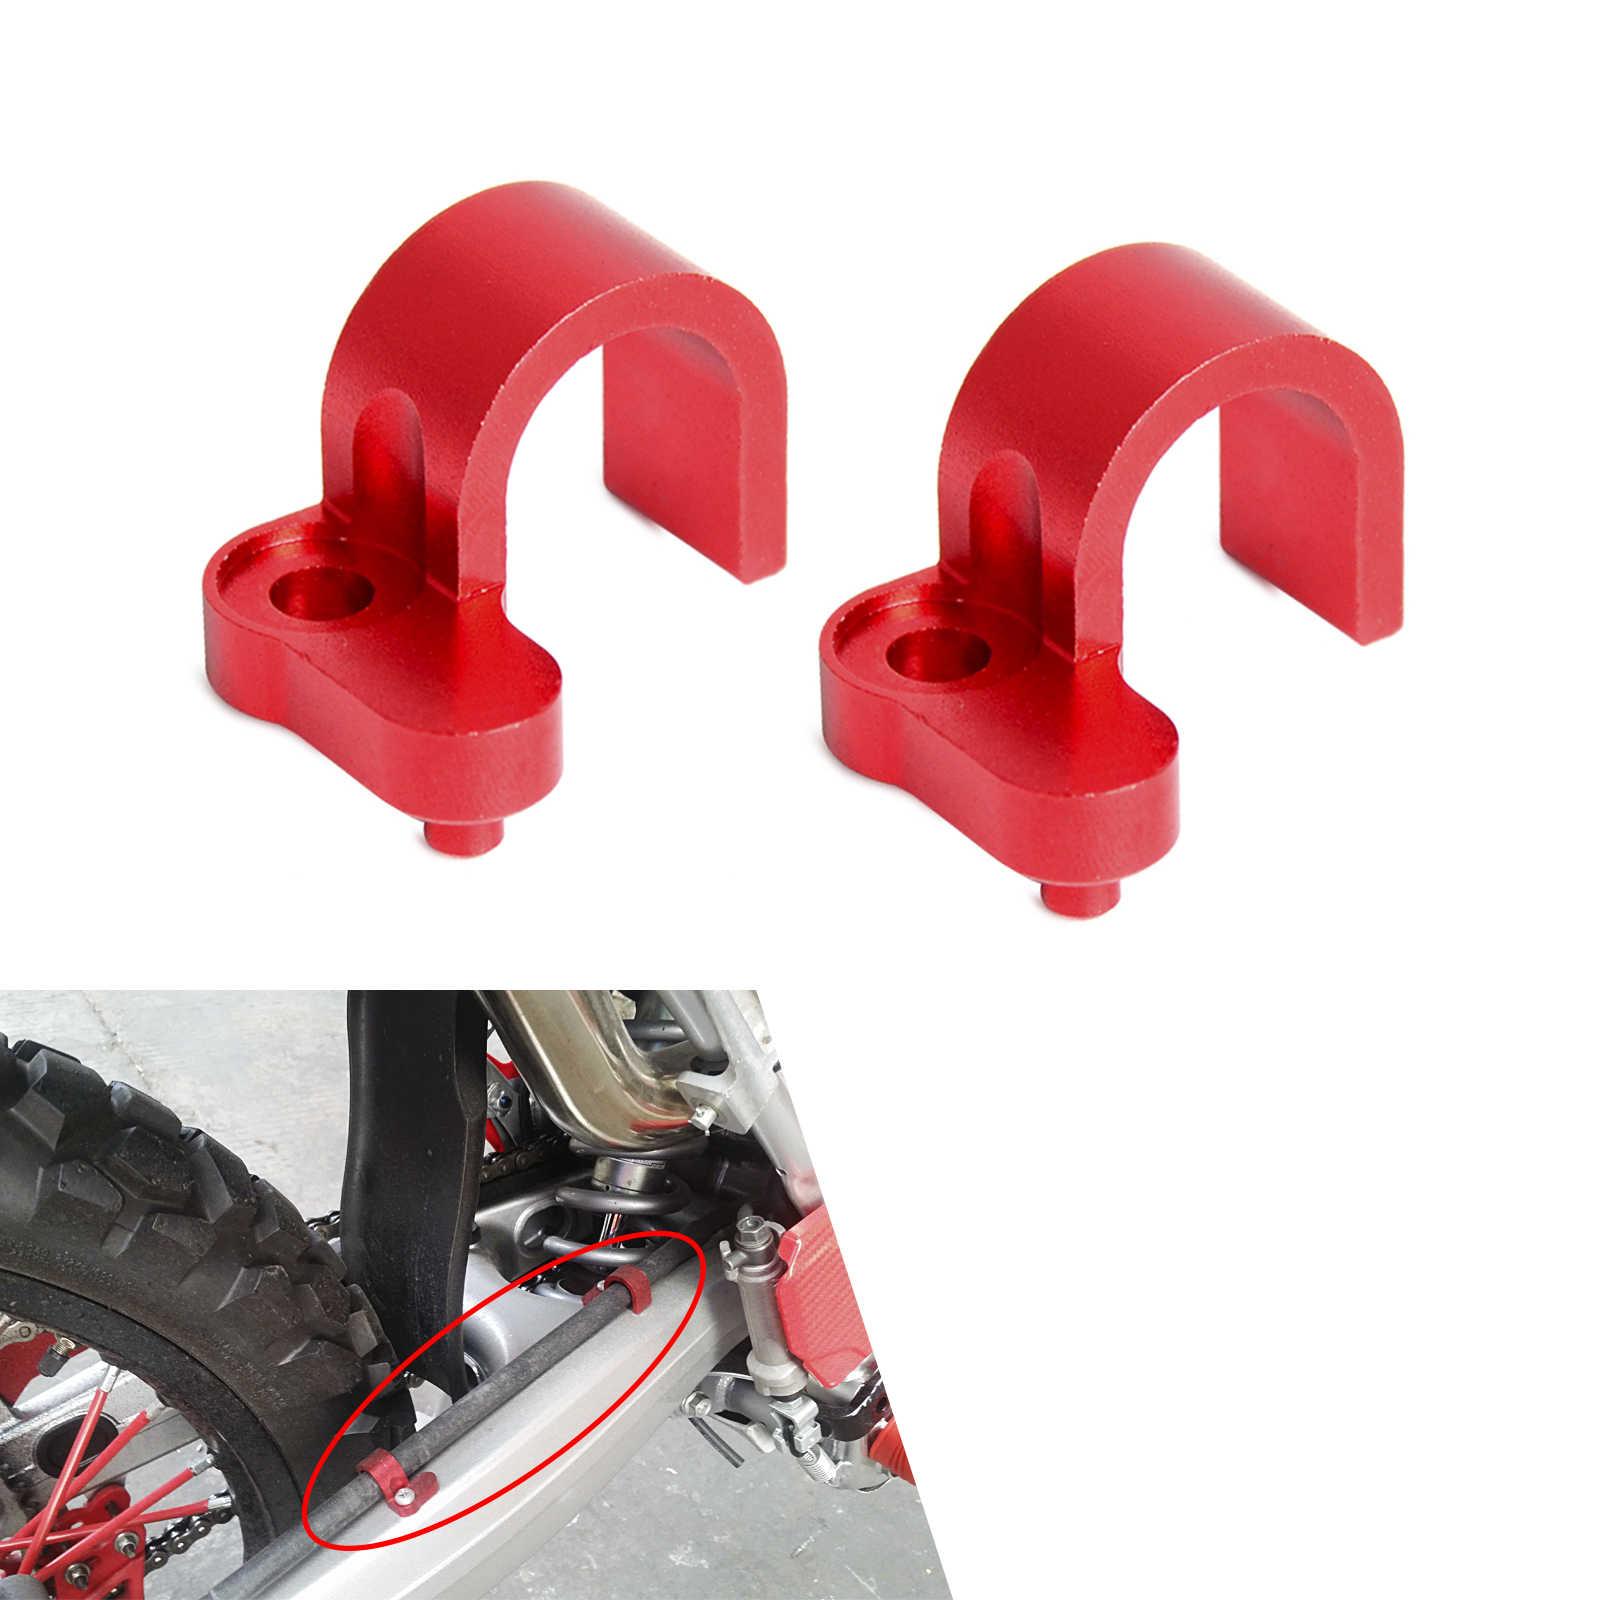 Z przodu z tyłu przewód hamulcowy wąż uchwyt zaciskowy dla Honda CRF250L/M CRF250L CRF250M CRF 250L 250M 2012 2013 2014 2015